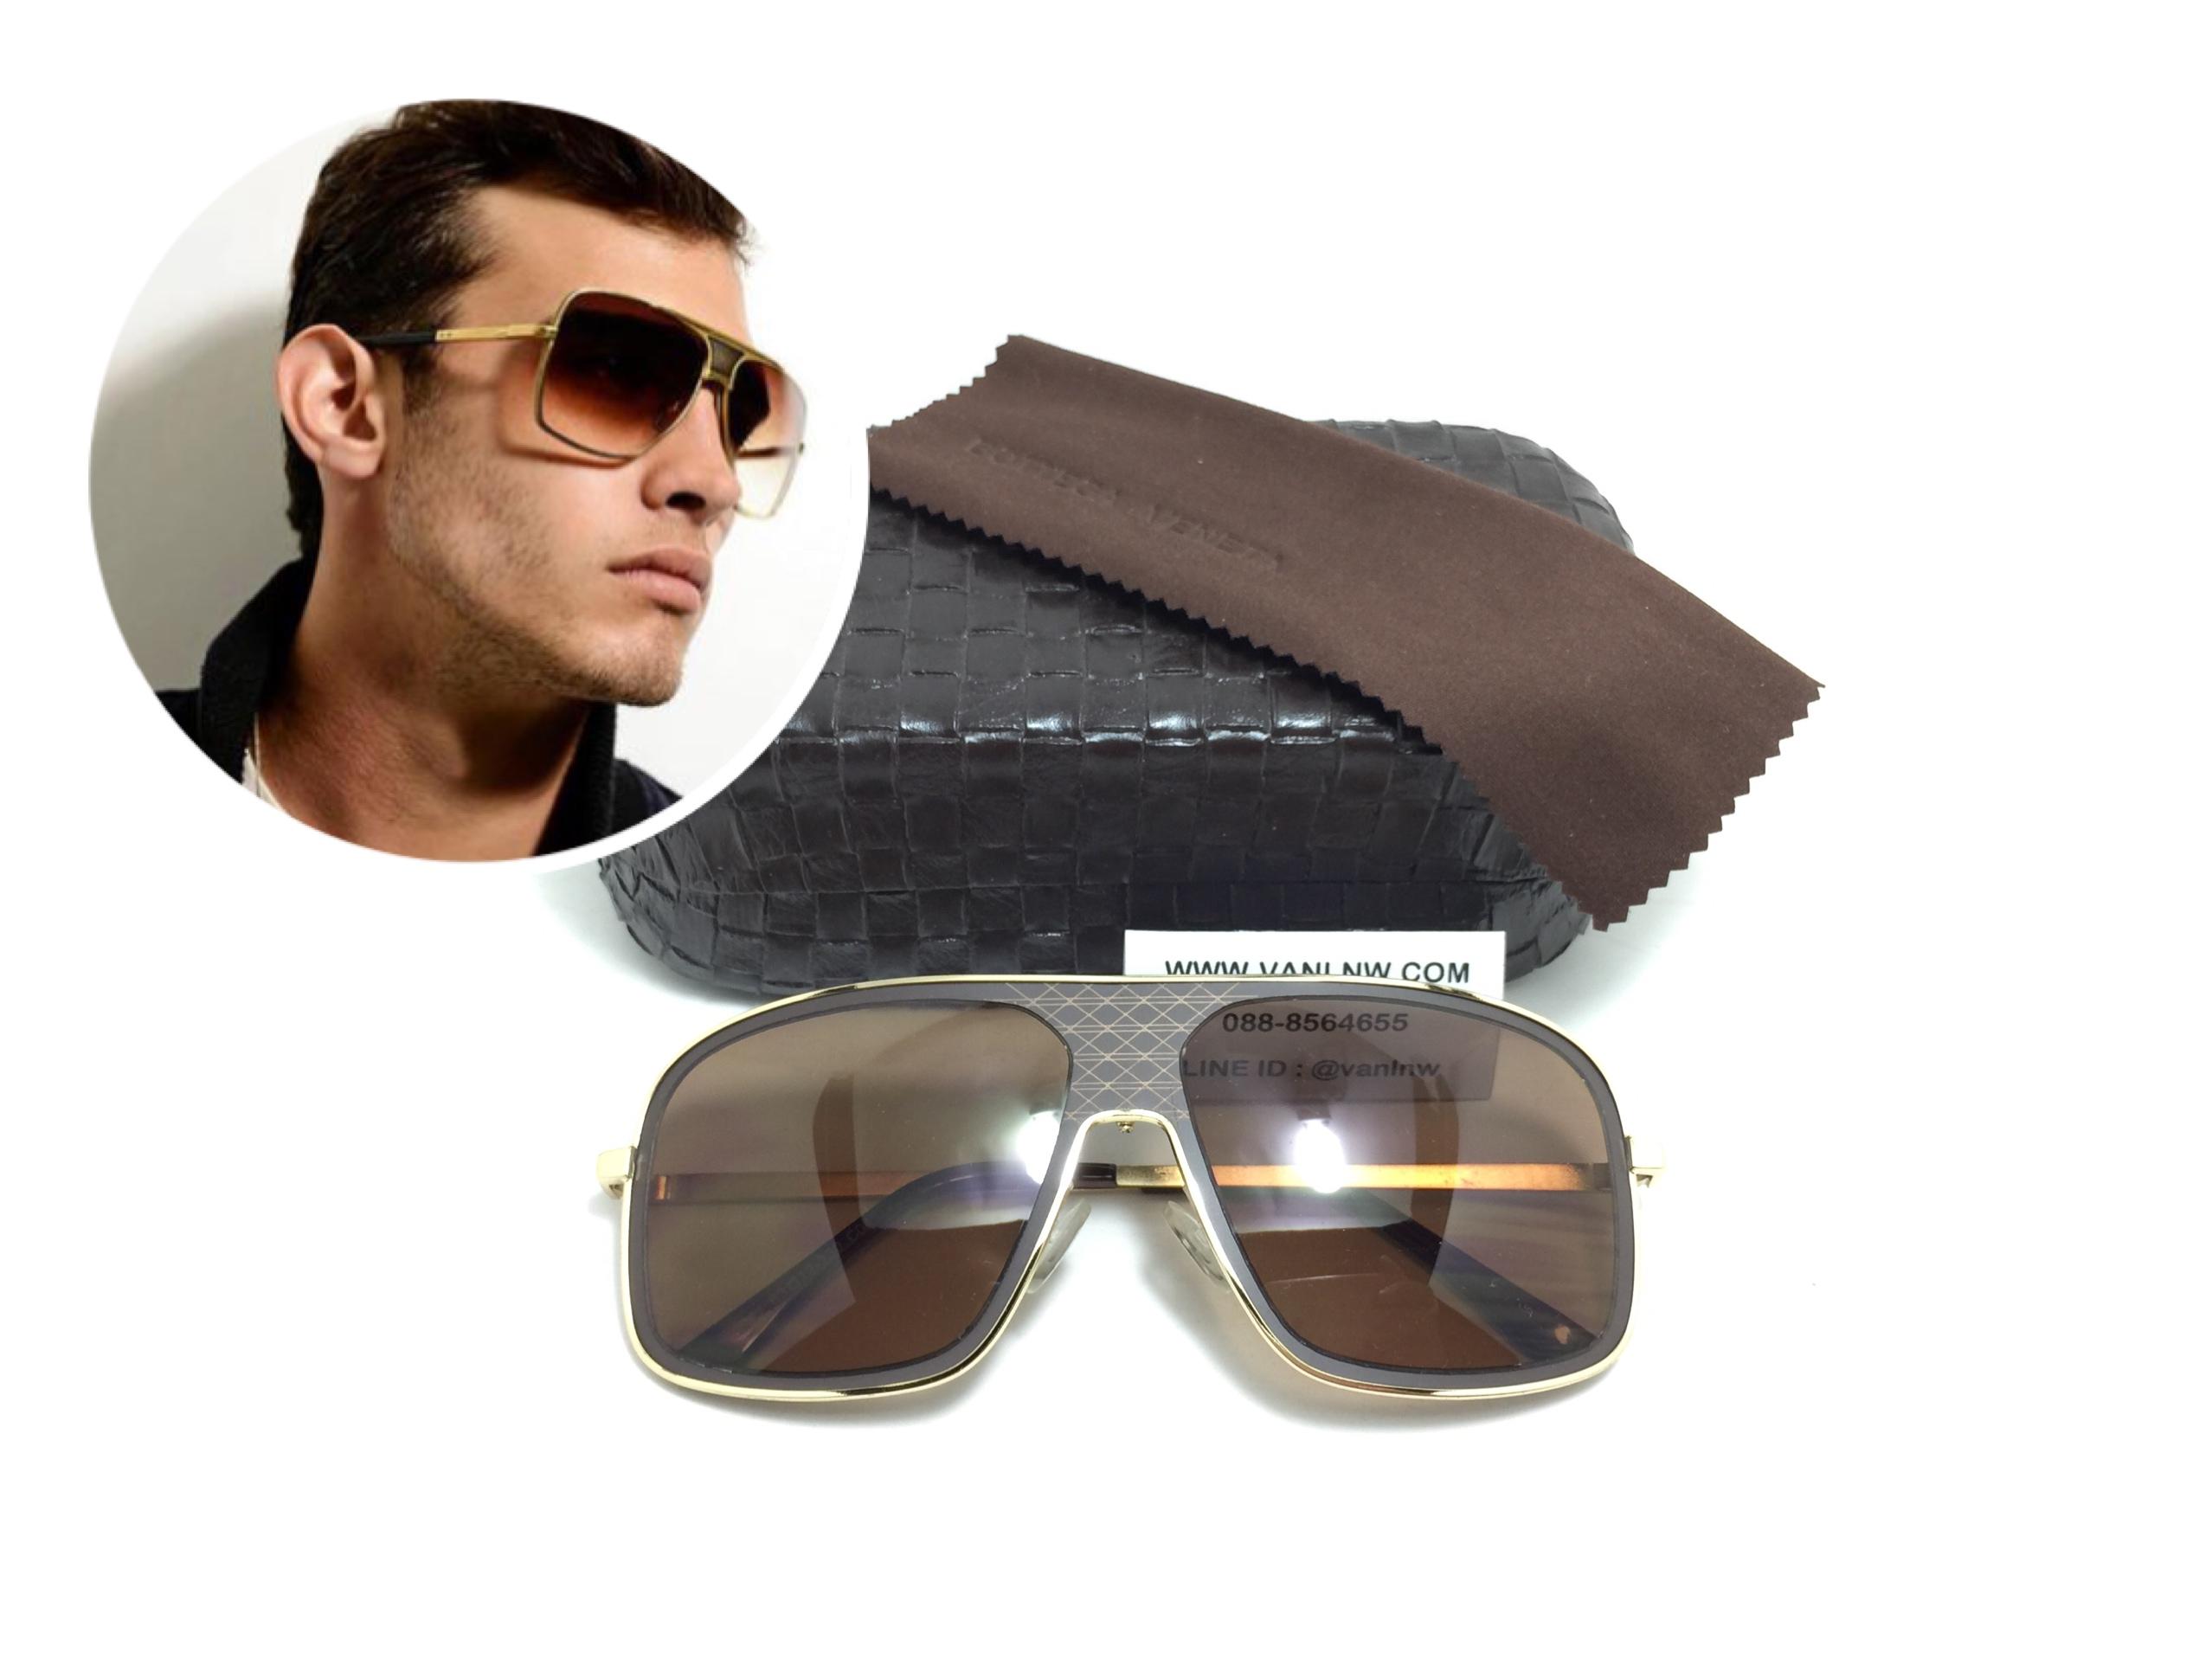 แว่นกันแดดแฟชั่น S511 63-12 130 C04 <ชา>